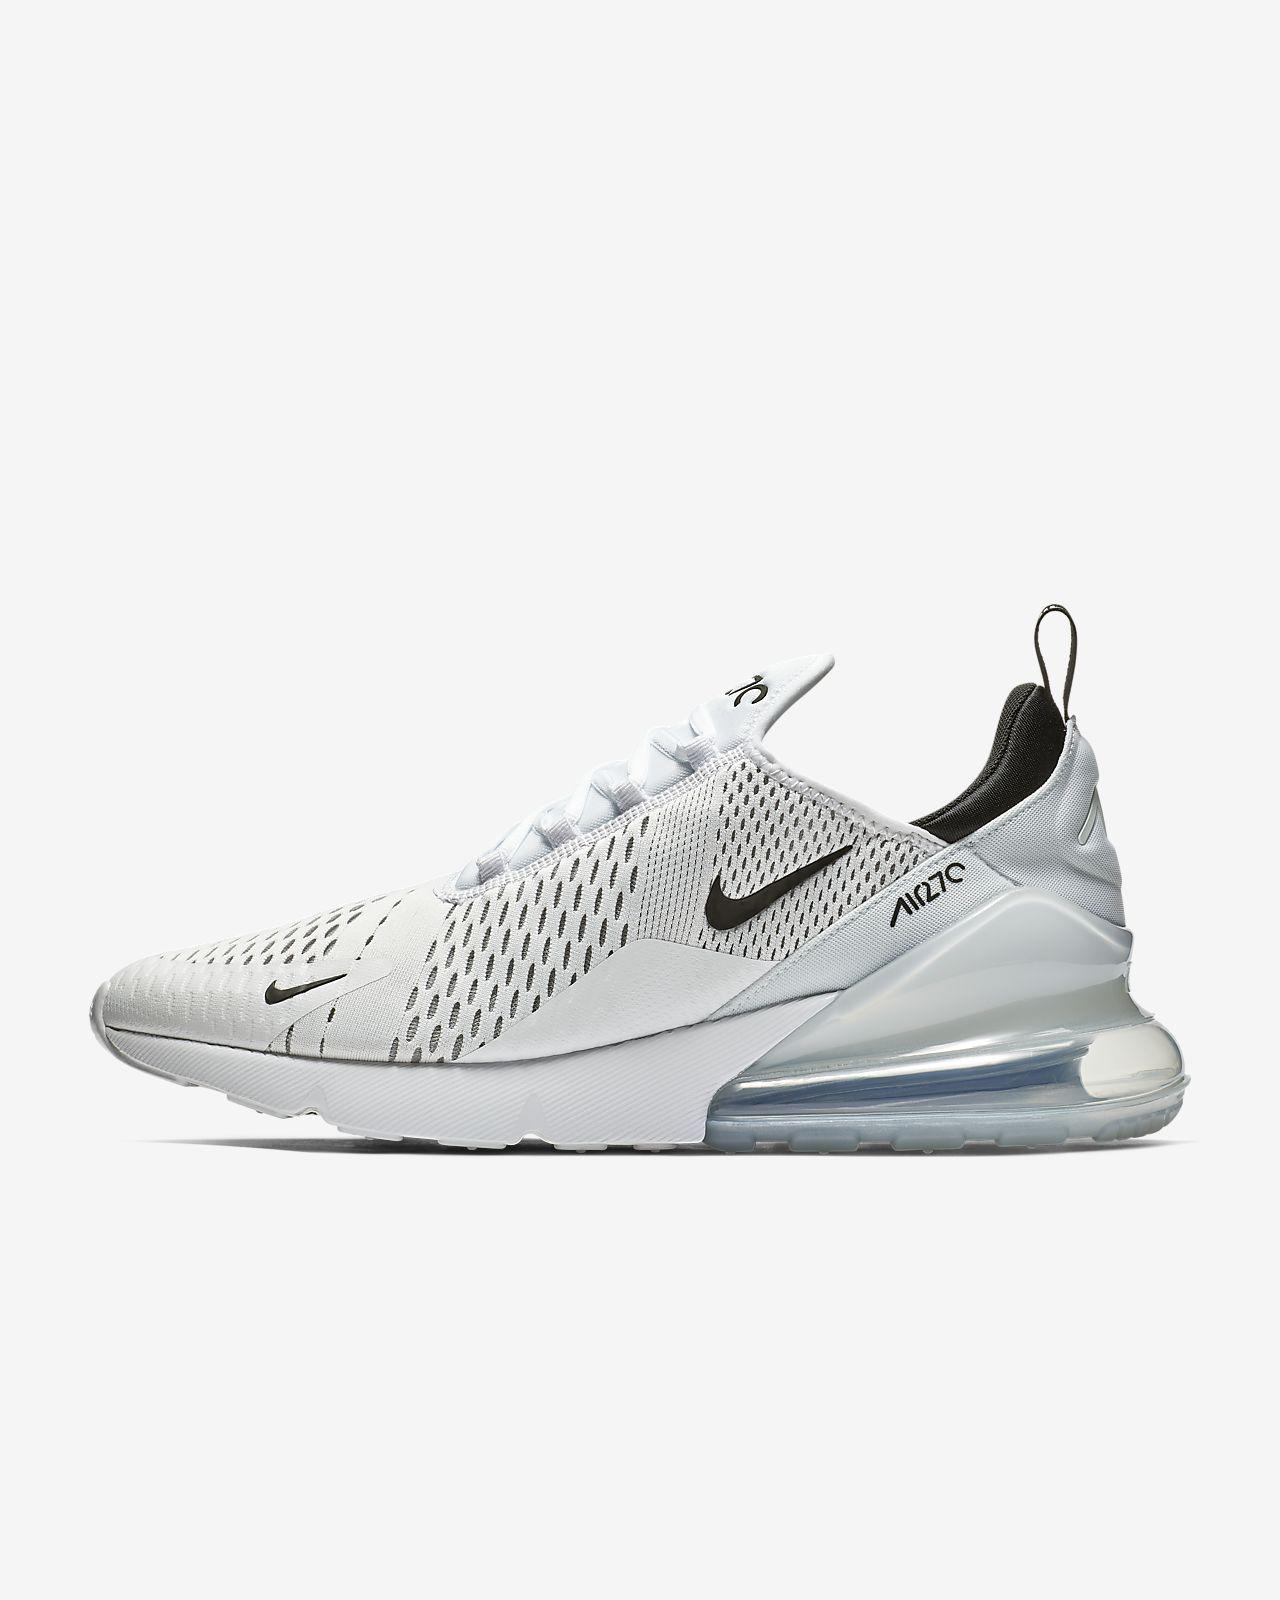 chaussures de sport 878fa 1db3f Nike Air Max 270 男鞋